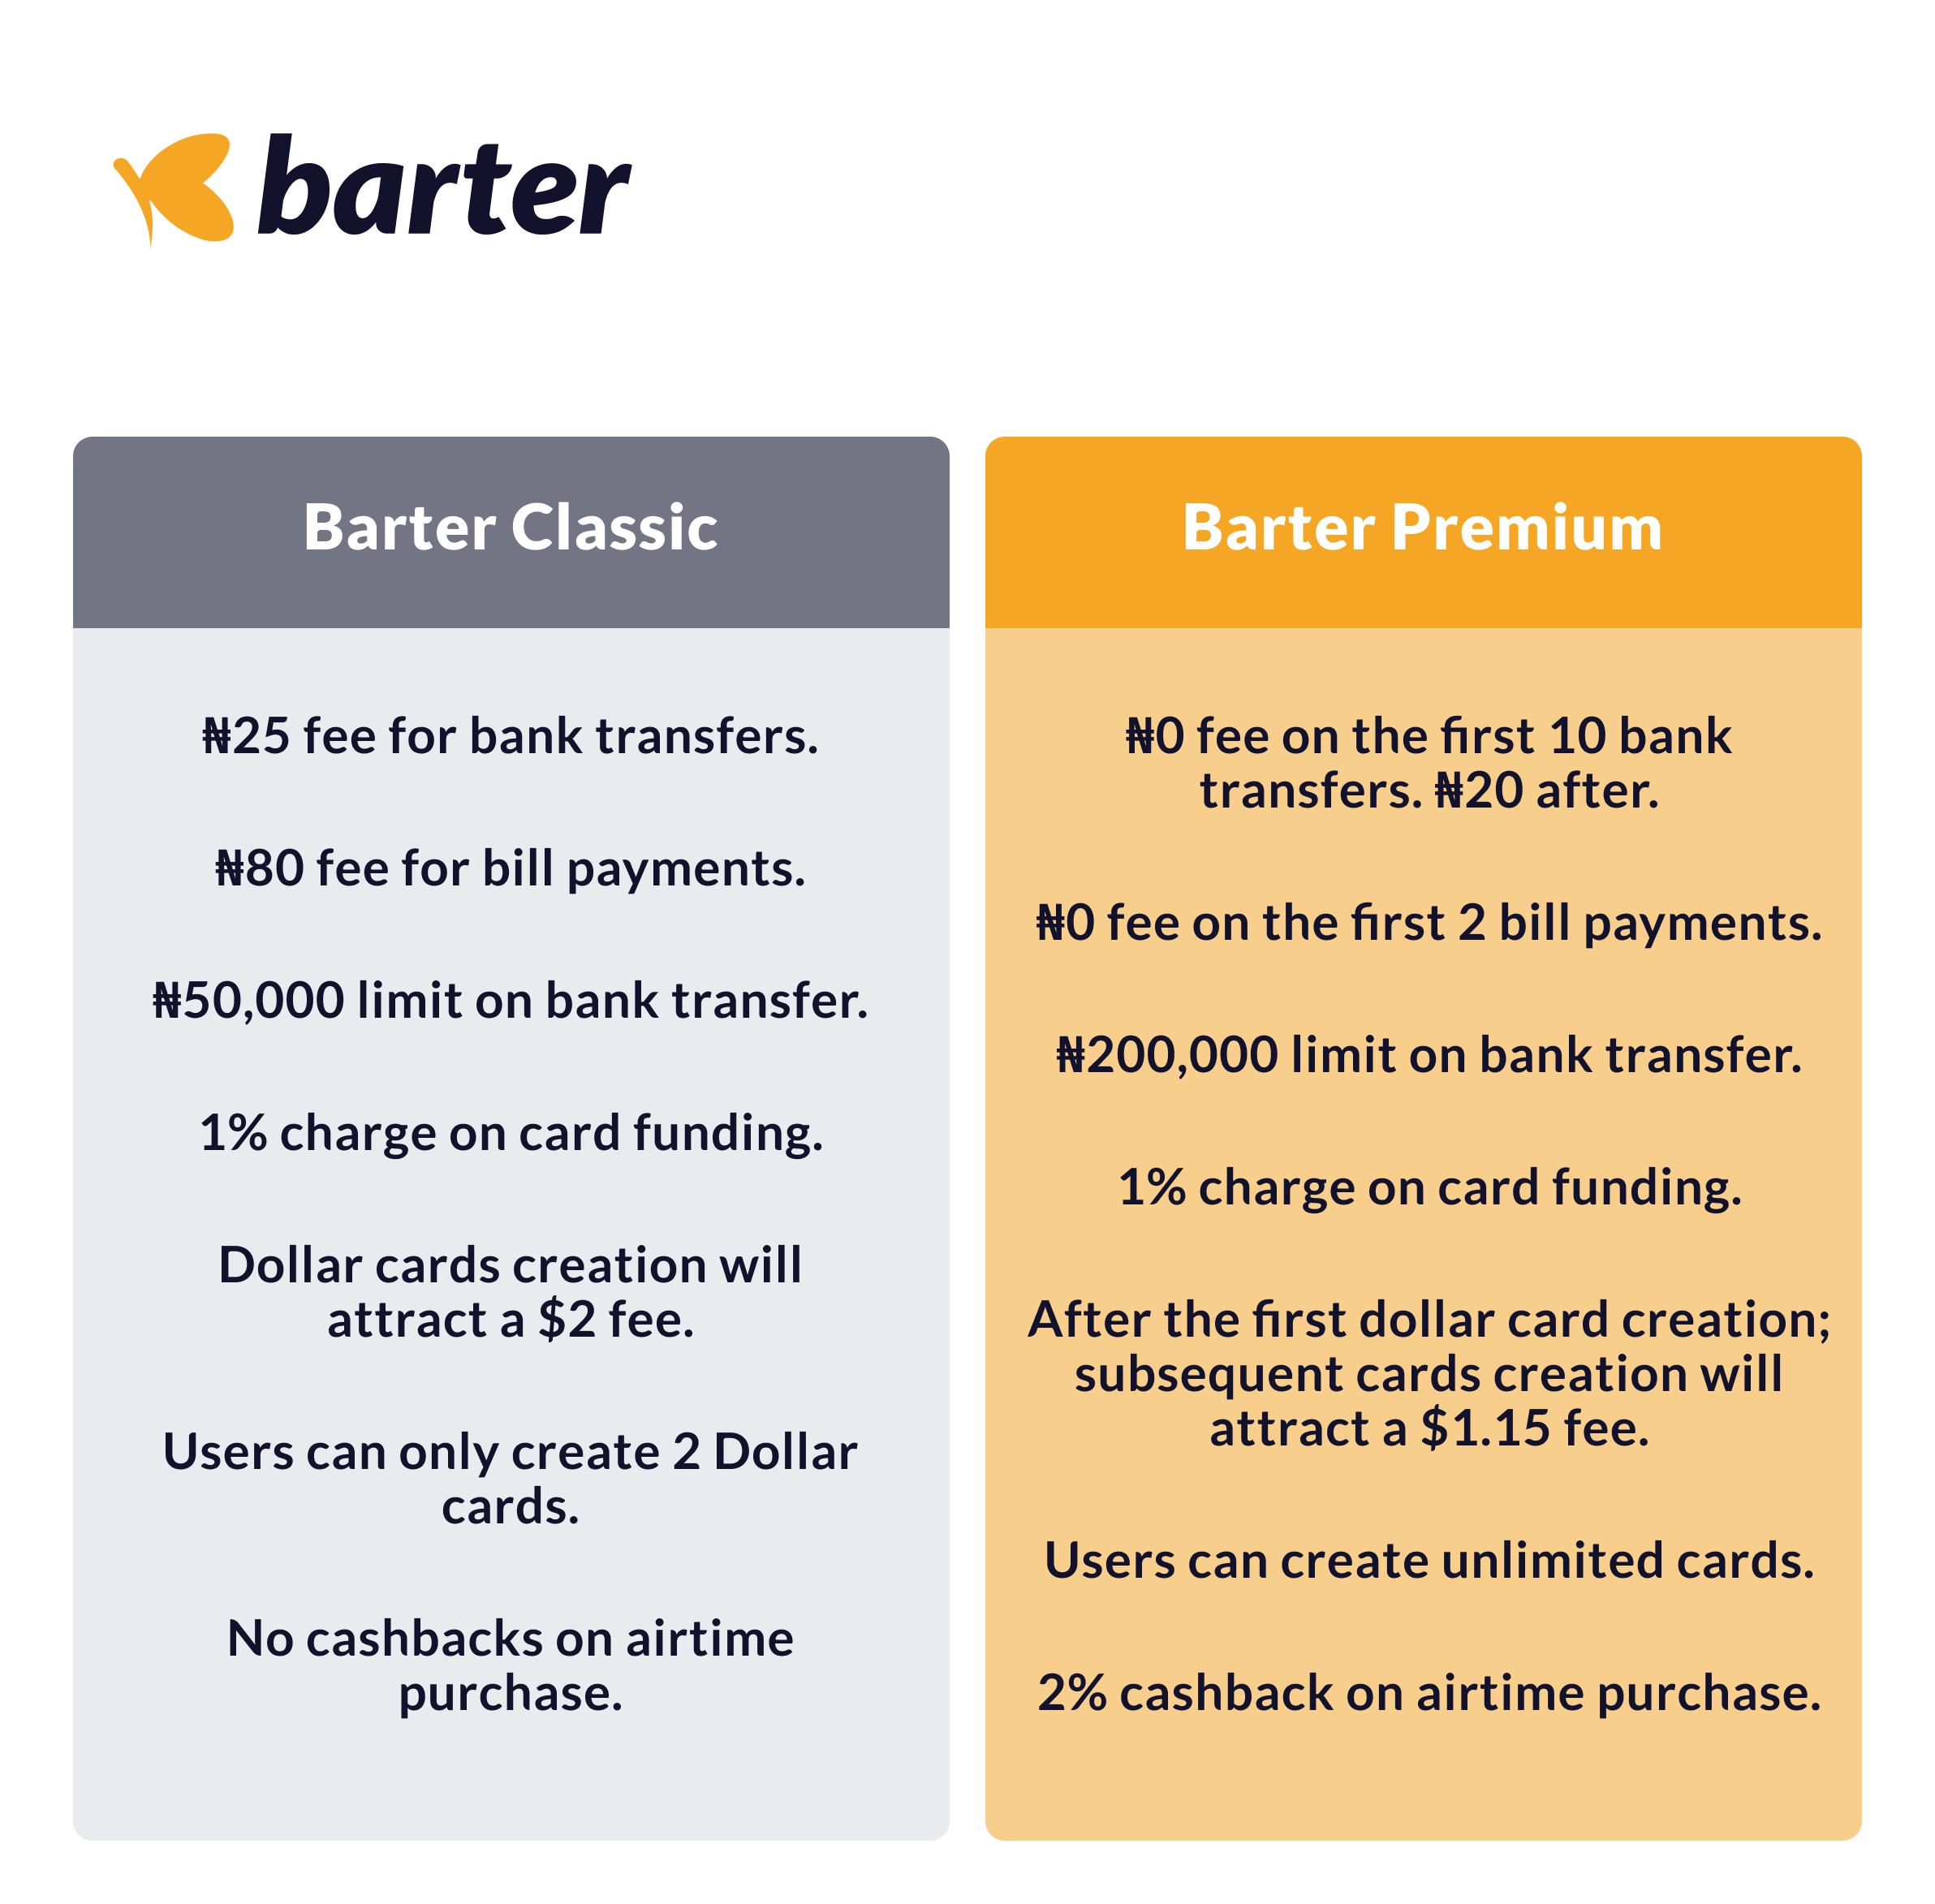 Barter premium